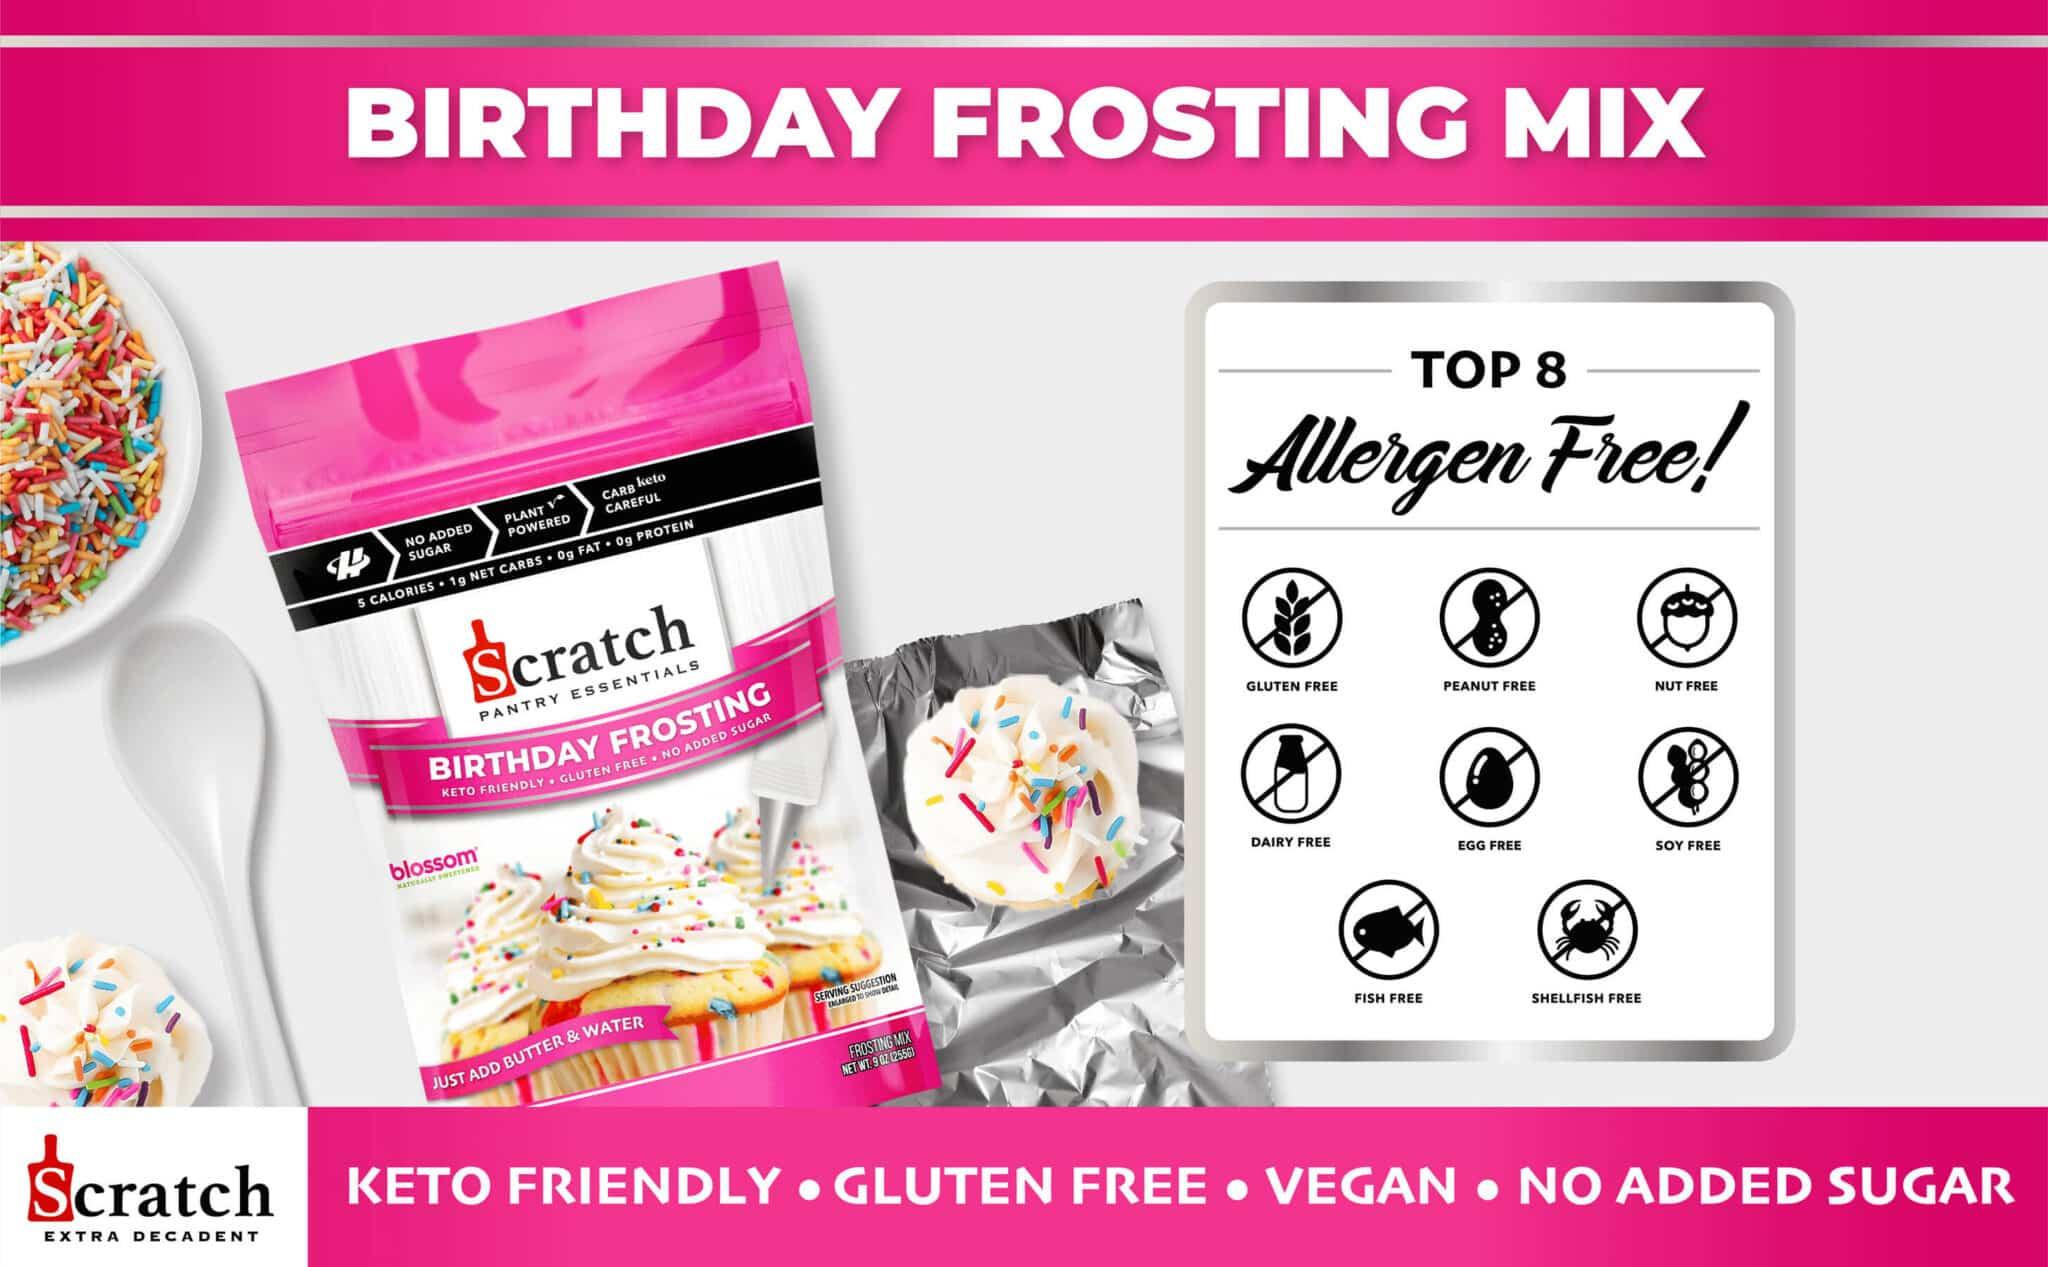 Keto Birthday Frosting